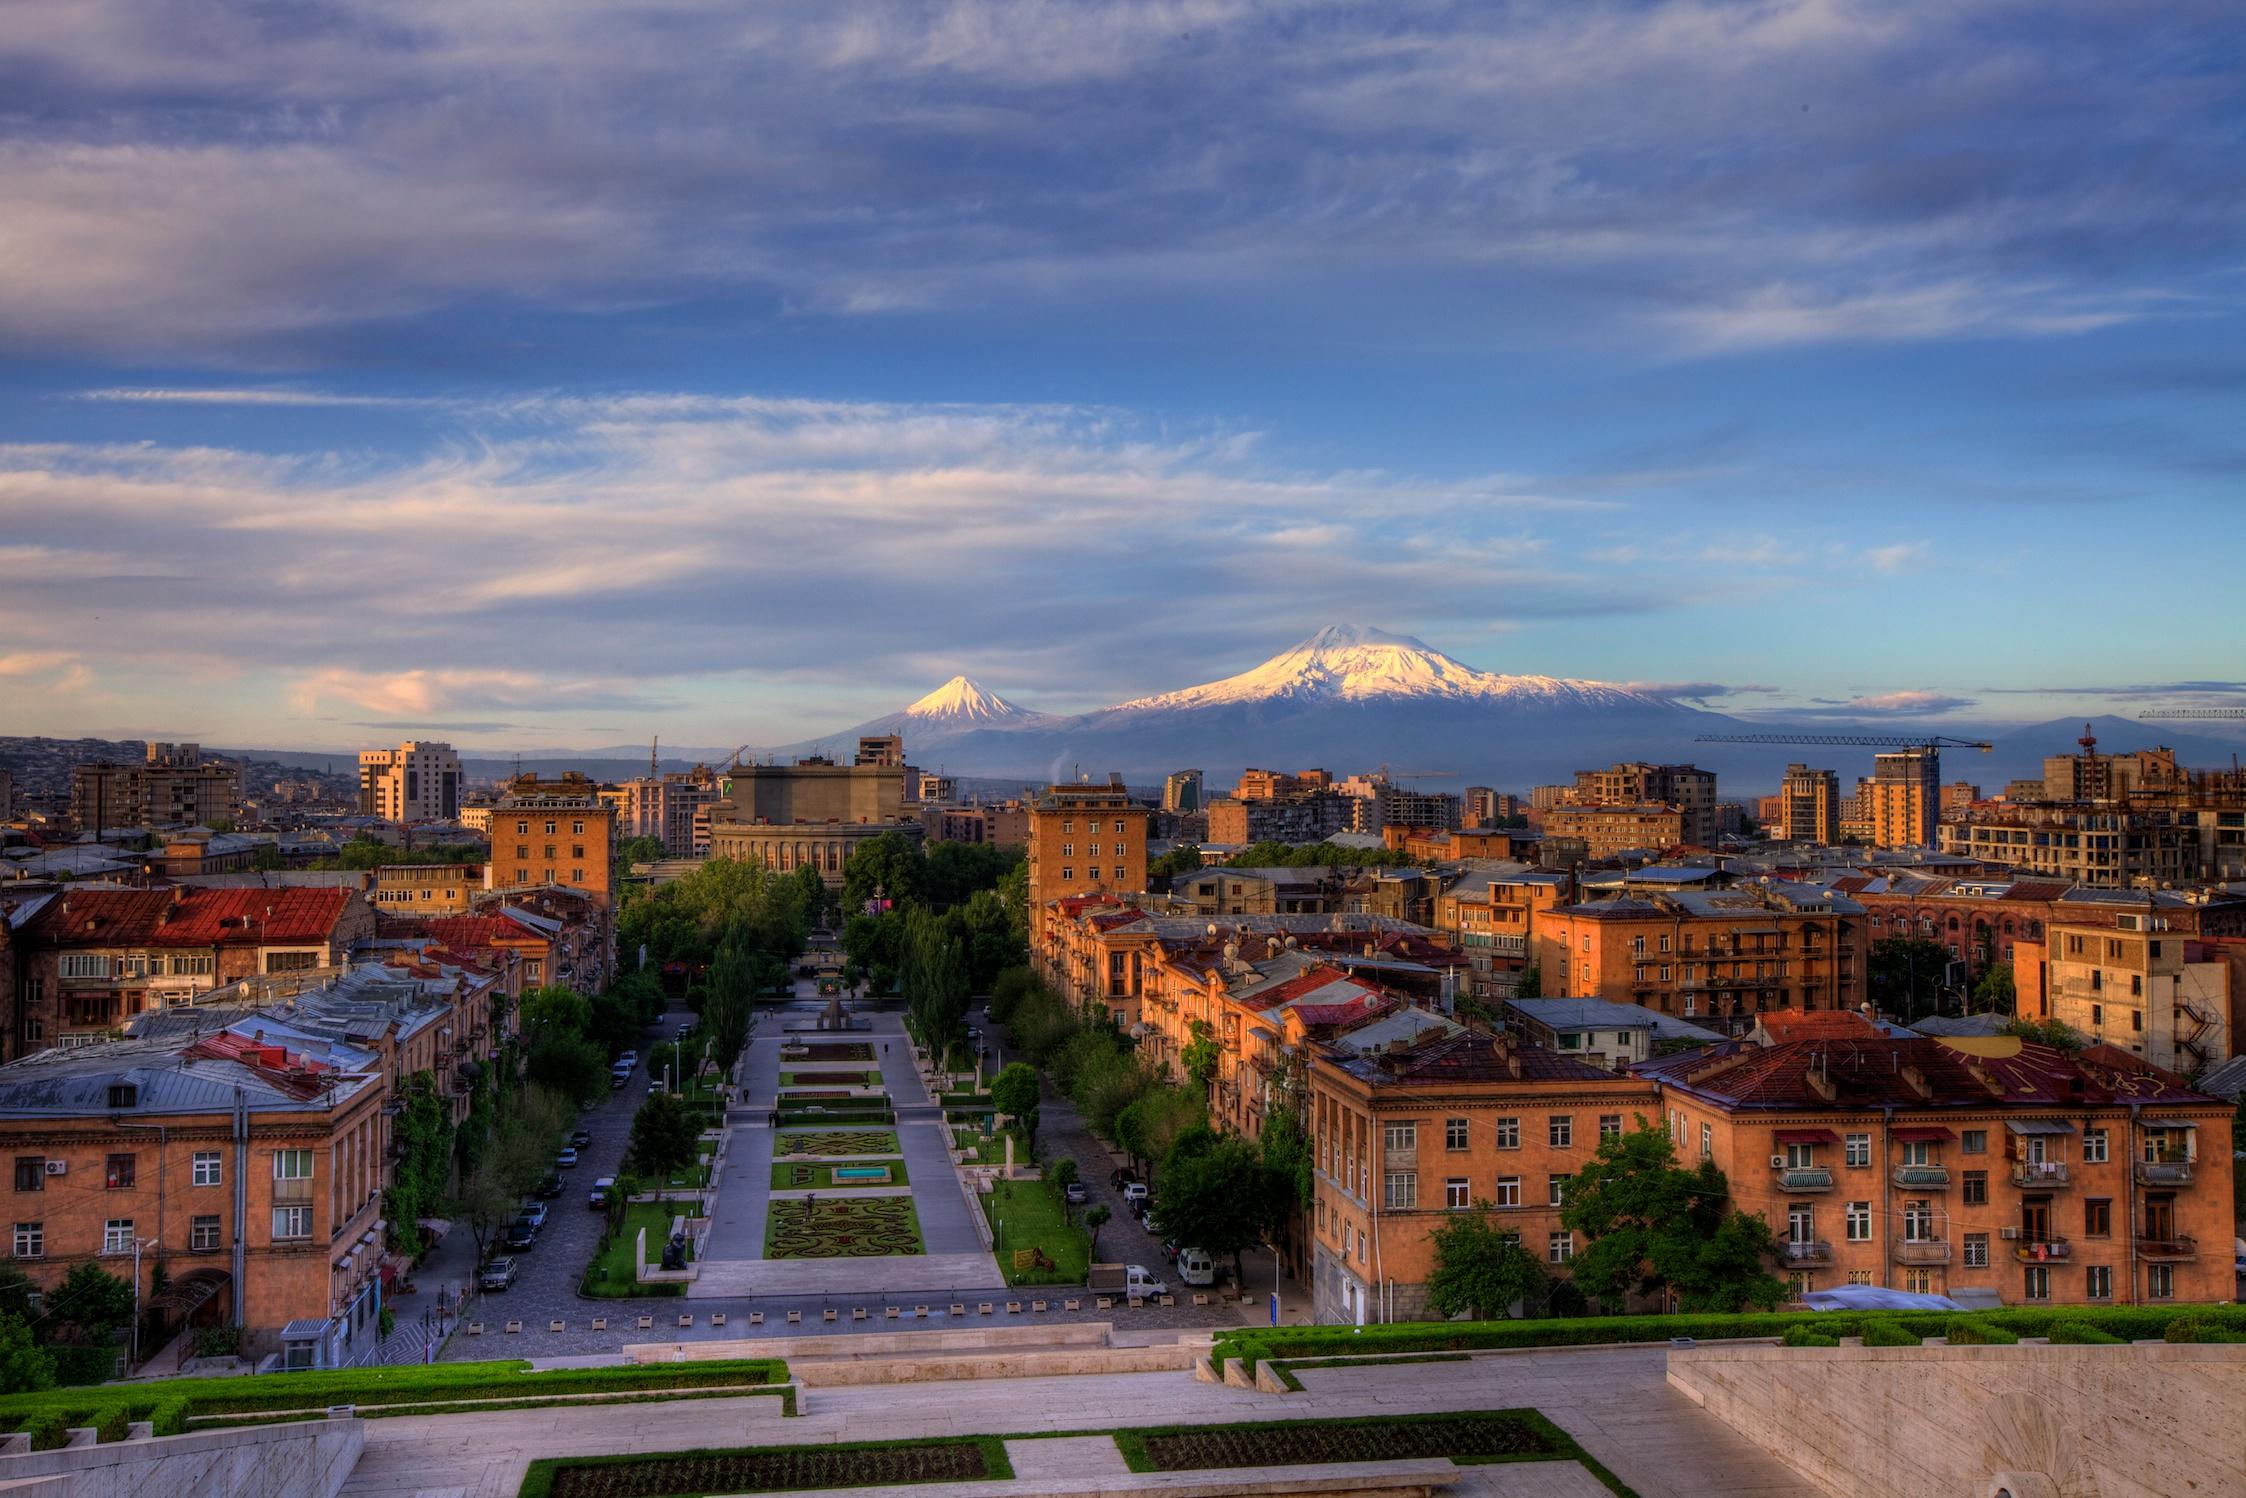 Ի-Վի Քոնսալթինգ. Մրցունակության համաշխարհային զեկույցի համաձայն Հայաստանն իր մրցունակությամբ 69-րդն է աշխարհի 141 երկրների մեջ